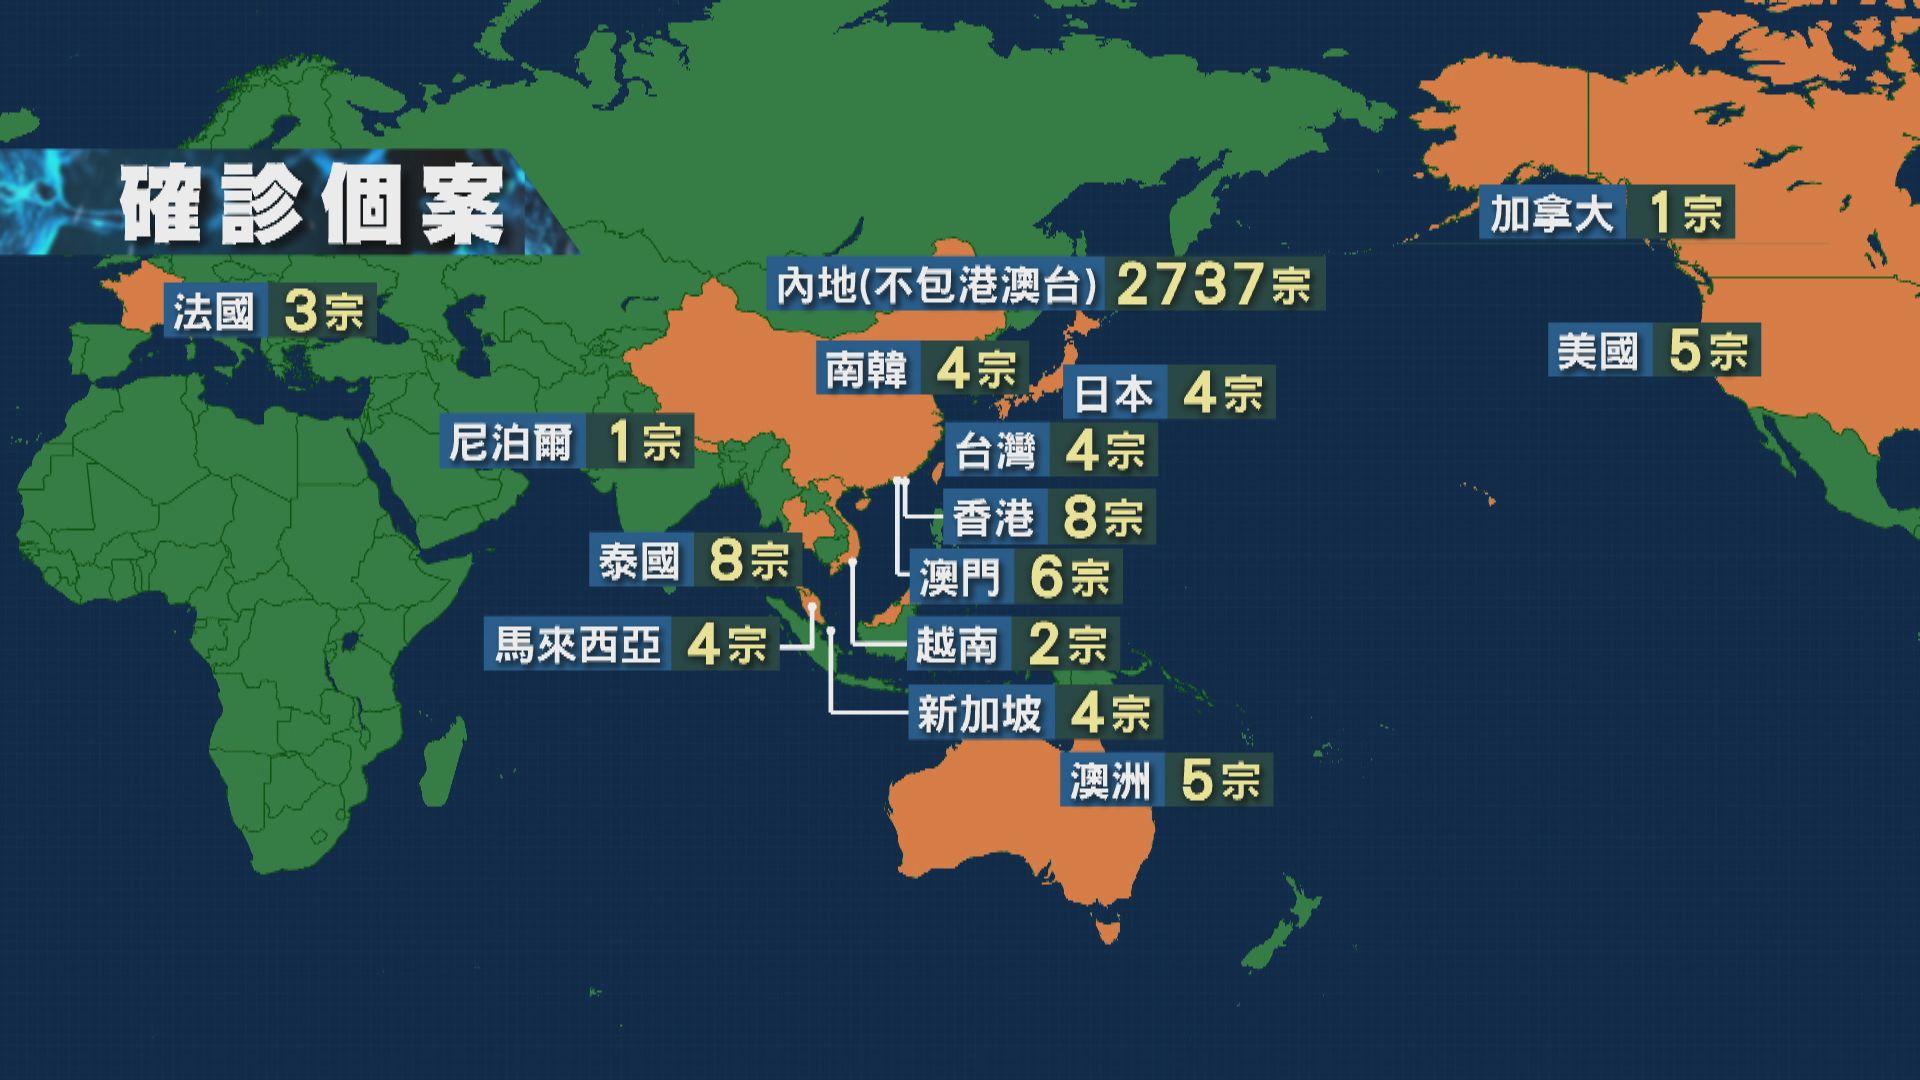 蒙古即日起關閉連接中國邊境通道 禁人車往來